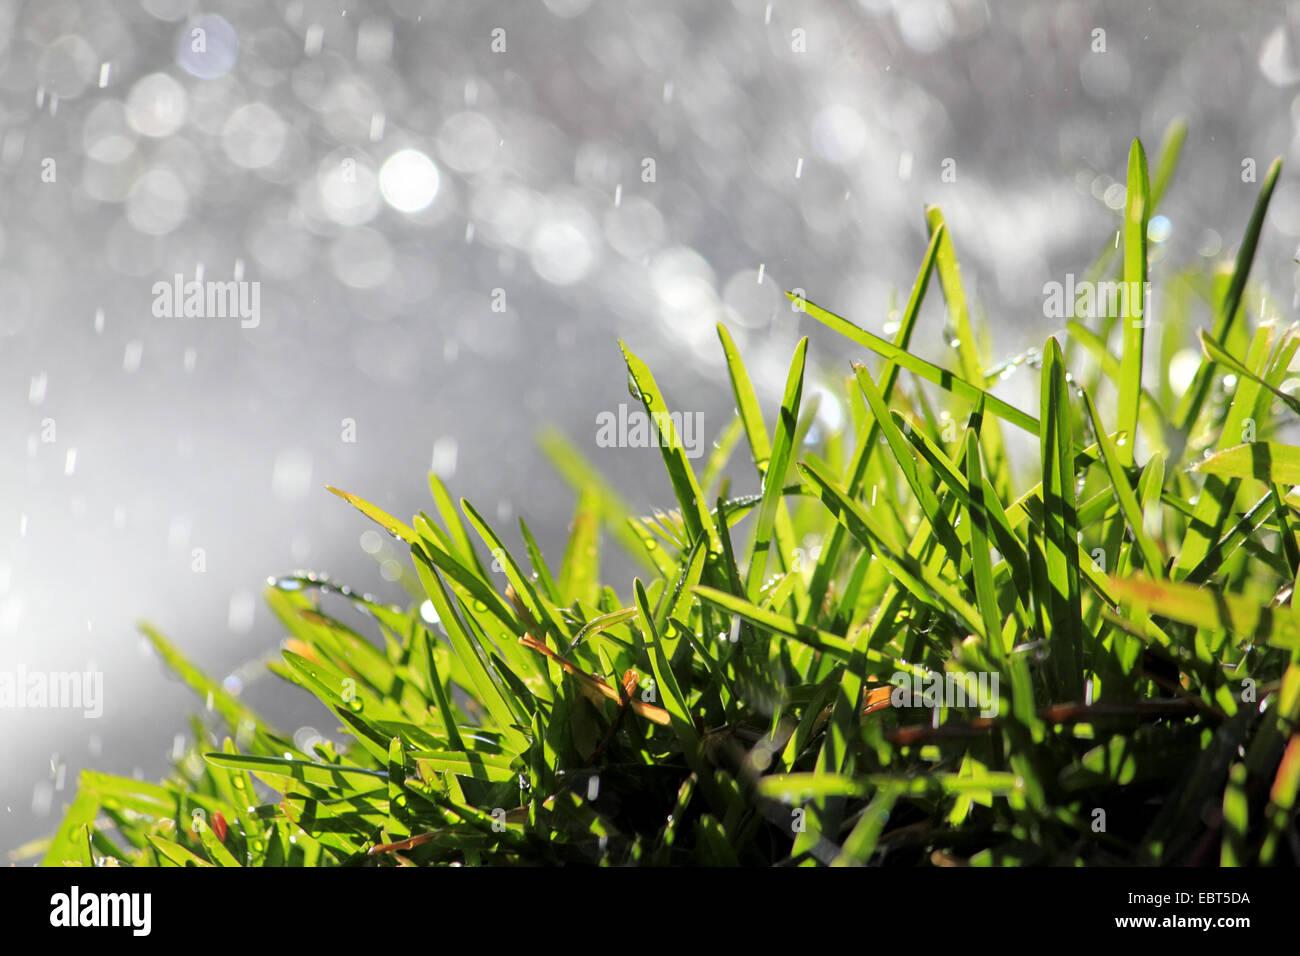 L'herbe verte sous la pluie et l'éclairage, Allemagne Banque D'Images